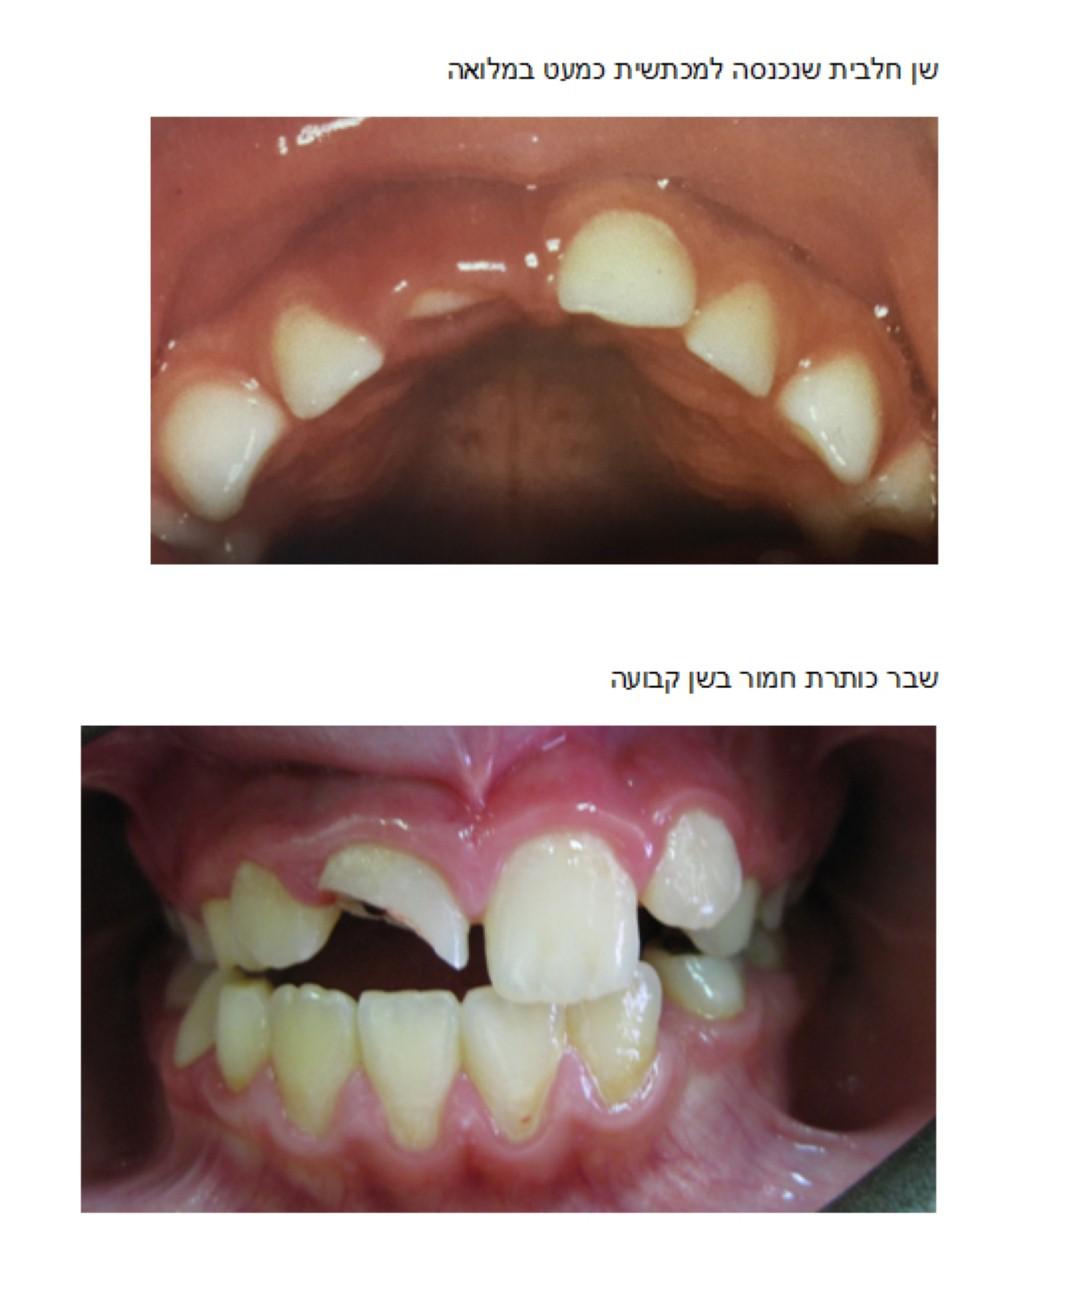 חבלה בשיניים אצל ילדים